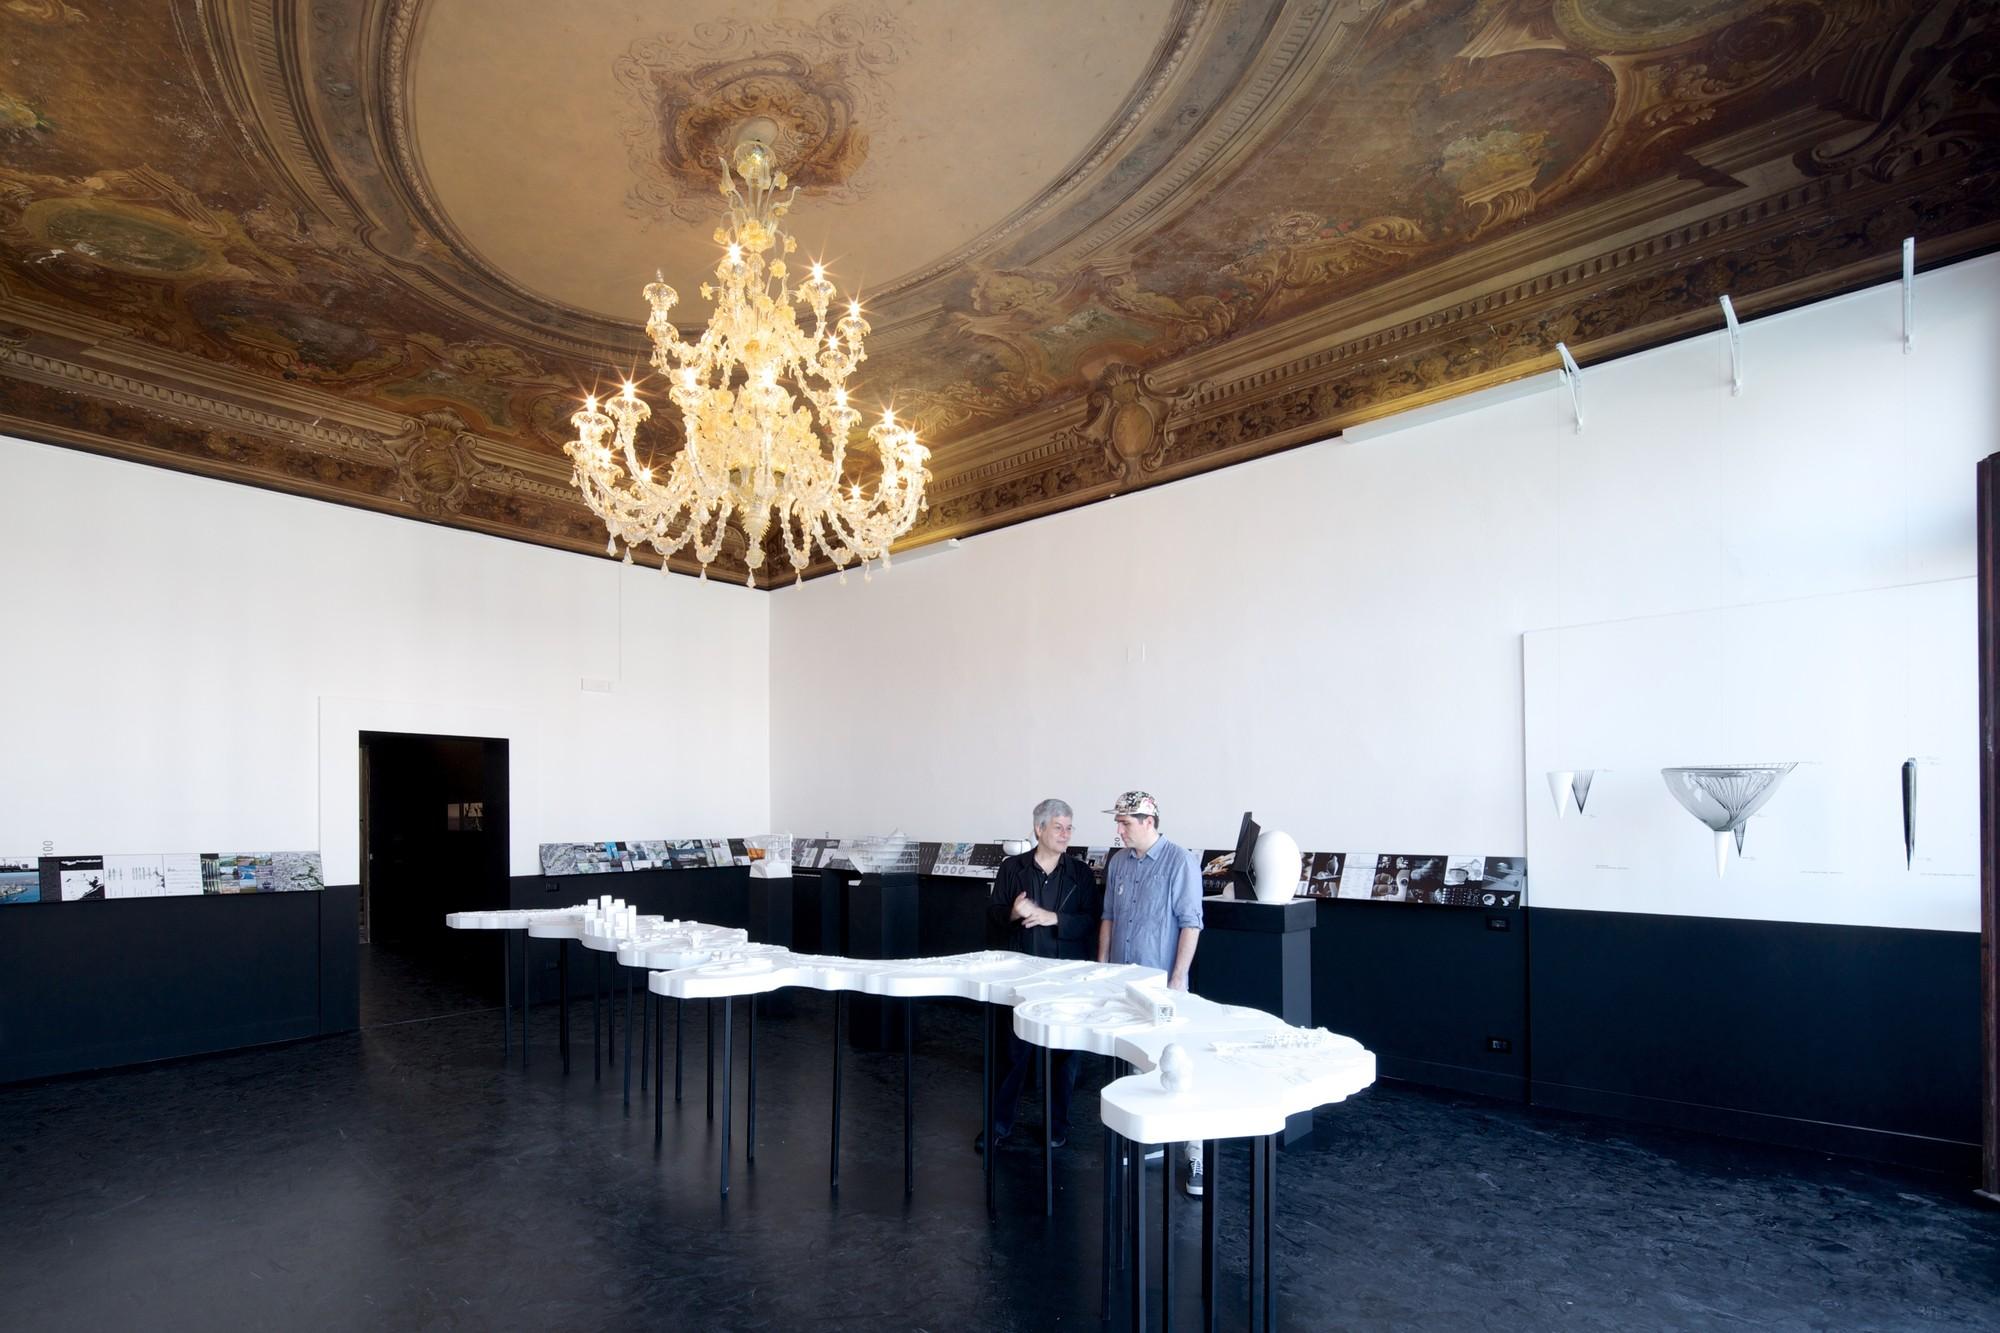 """100 arquitetos discutem """"Tempo, Espaço e Existência"""" na Bienal de Veneza 2014, Time Space Existence. Evento paralelo da Bienal de Veneza 2014. Imagem © Nico Saieh"""